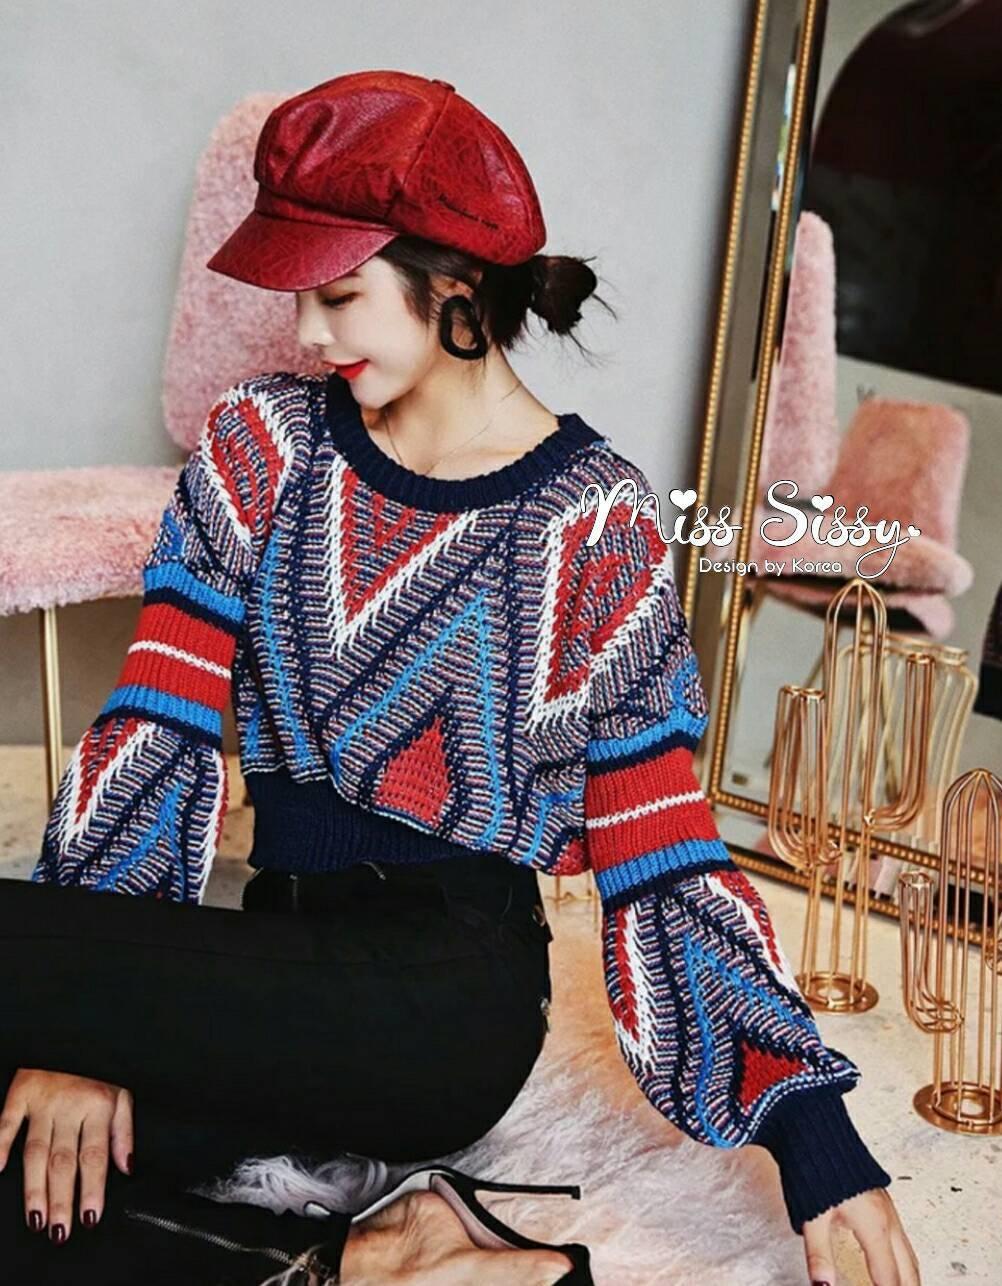 เสื้อผ้าเกาหลีพร้อมส่ง เสื้อหนาวไหมพรมสีสันสดใส ผ้านิ่มใส่สบายไม่ระคายเคืองผิว